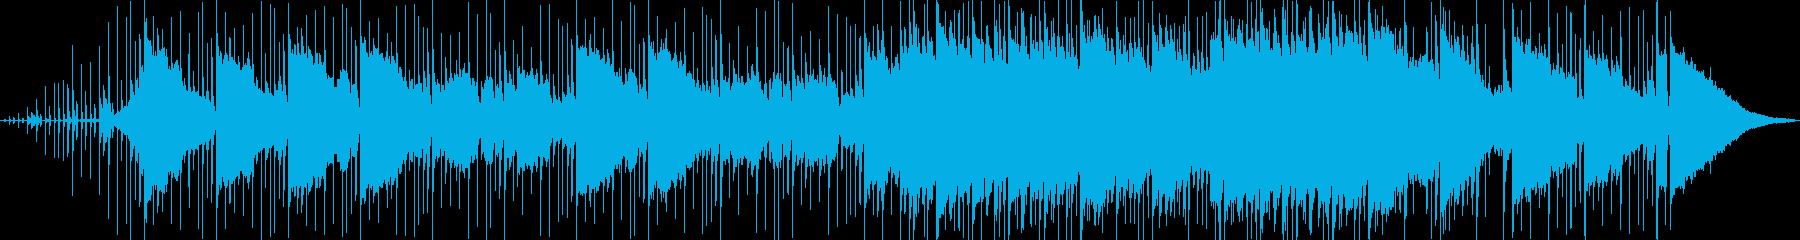 静けさの中から感動が湧き上がるBGMの再生済みの波形